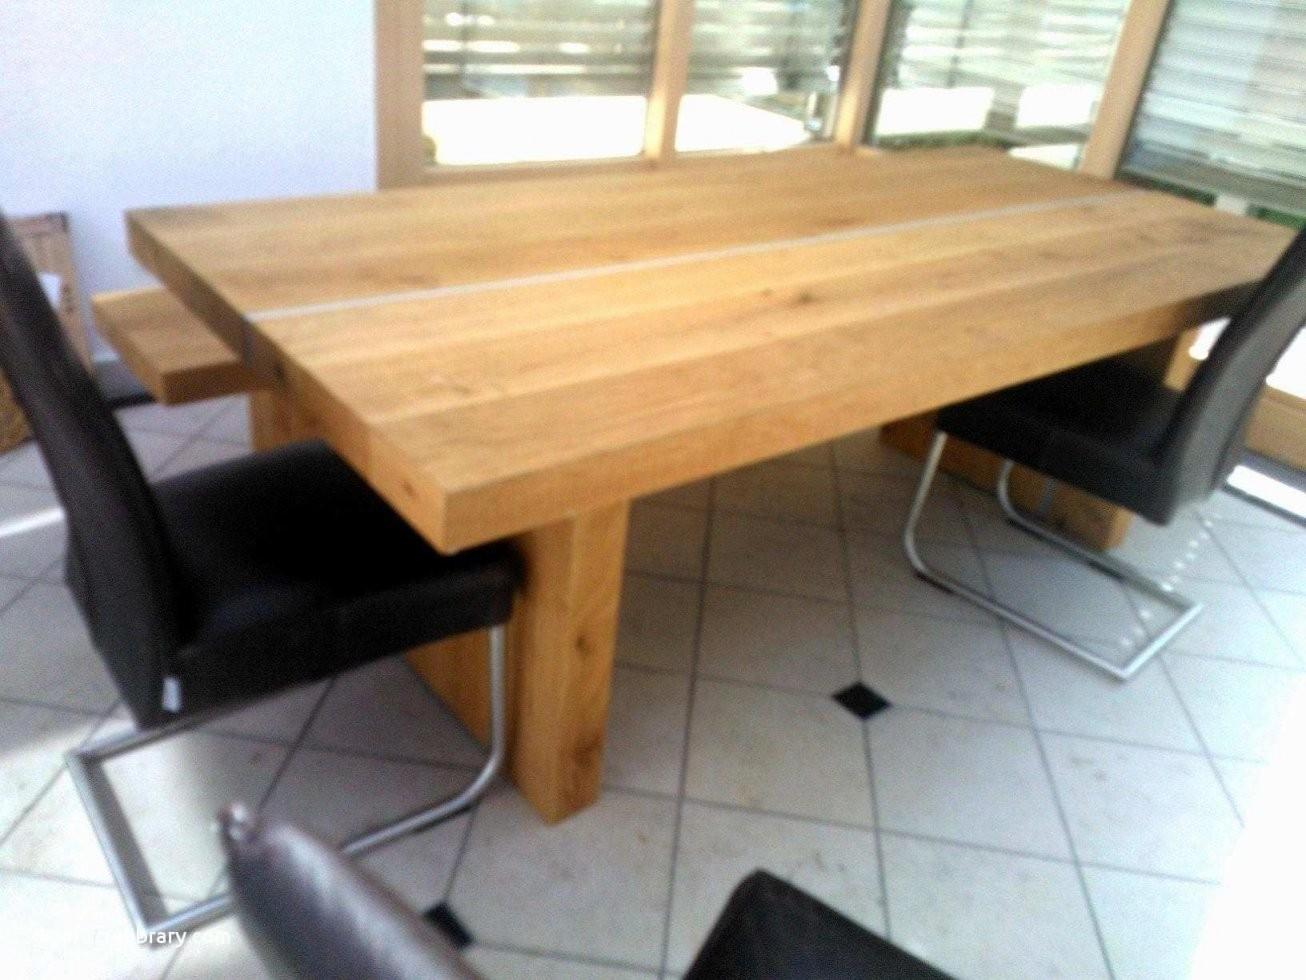 14 Gastronomie Stühle Und Tische Gebraucht Genial  Lqaff von Stühle Und Tische Für Gastronomie Gebraucht Bild